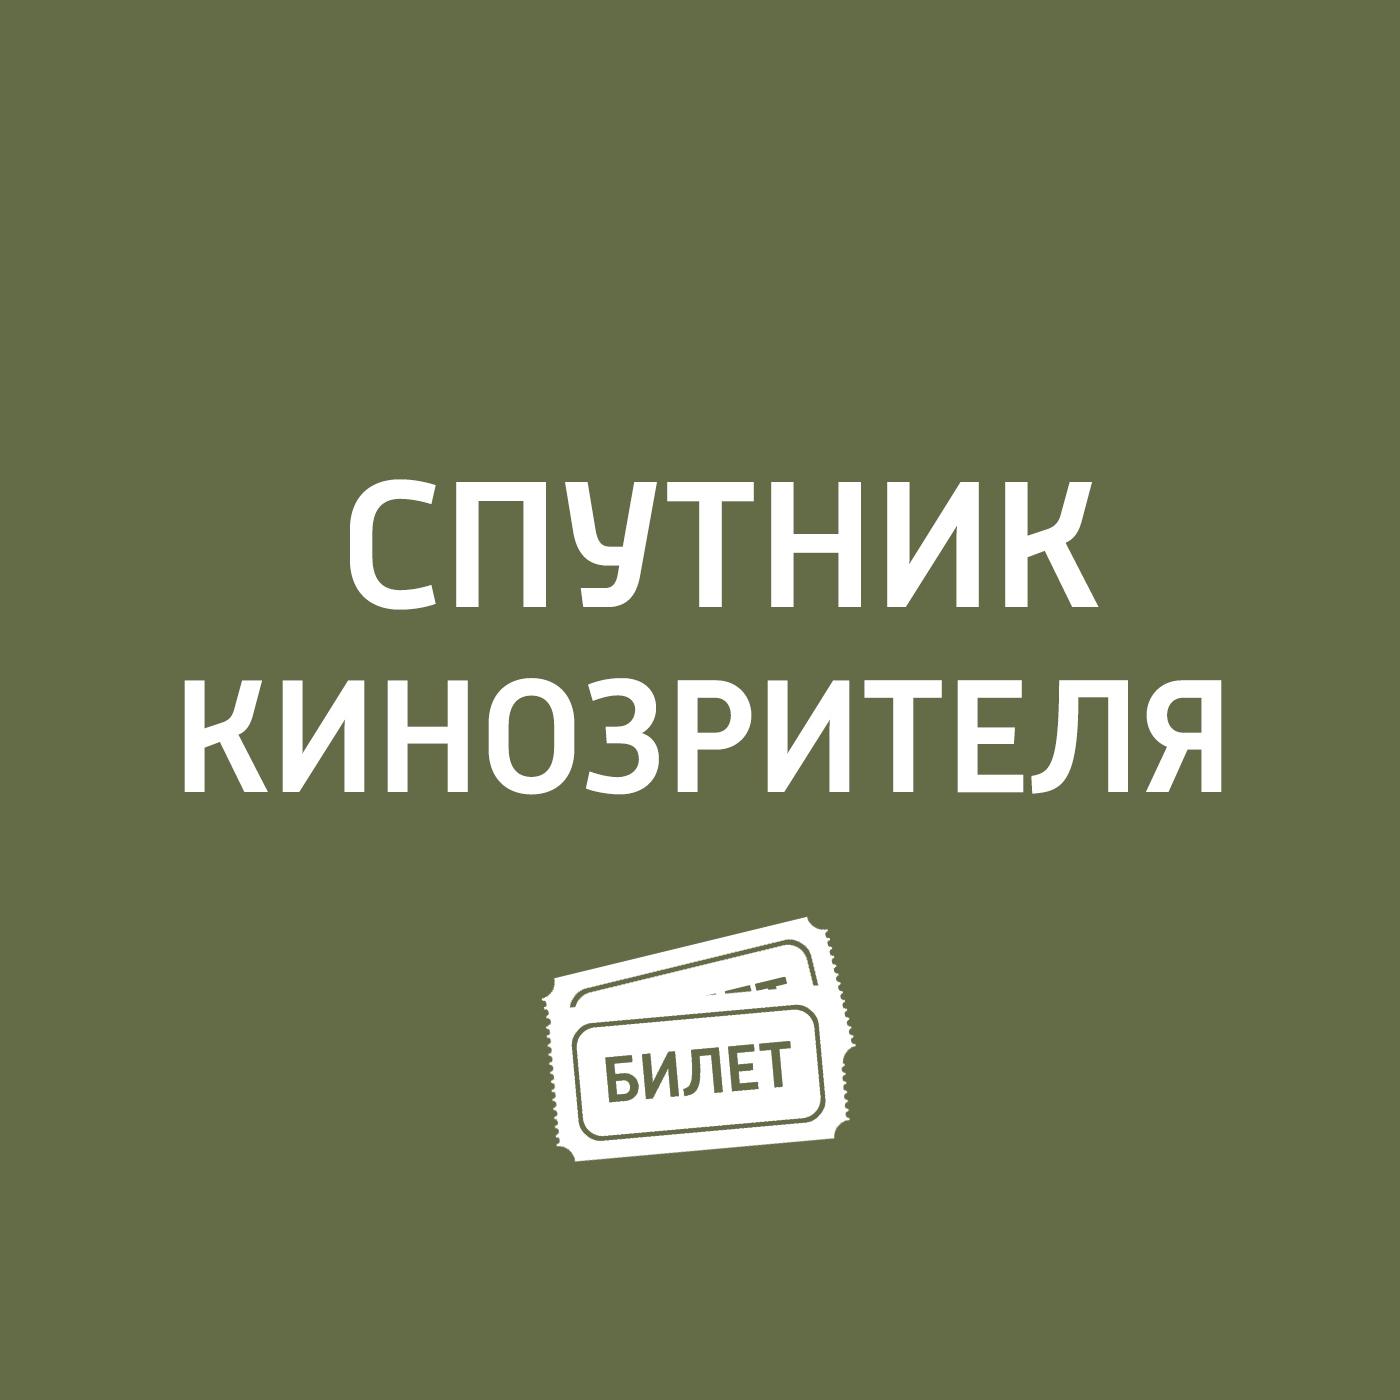 Антон Долин Богемская рапсодия, Подвал, Фагот маргарита бобровская богемская рапсодия стихи